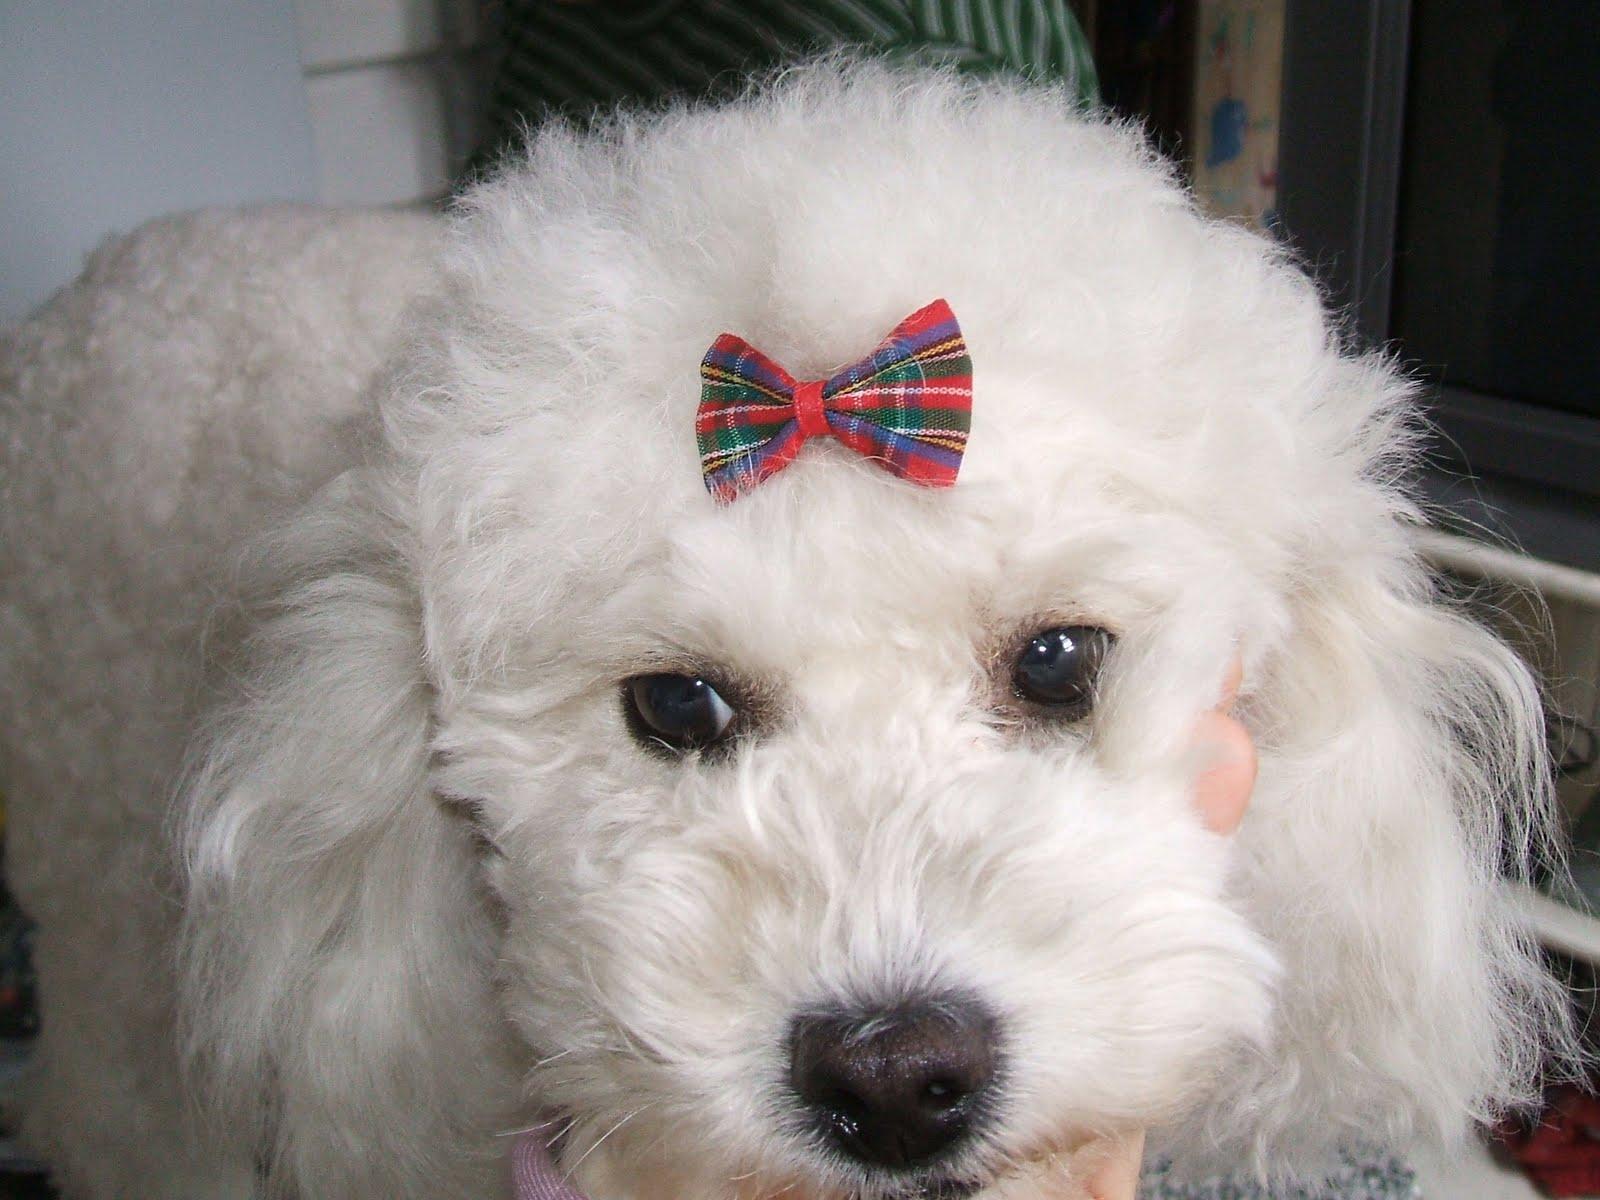 Los Ojos En El Caniche Poodle Expresan Su Inteligencia Y Su Dulzura